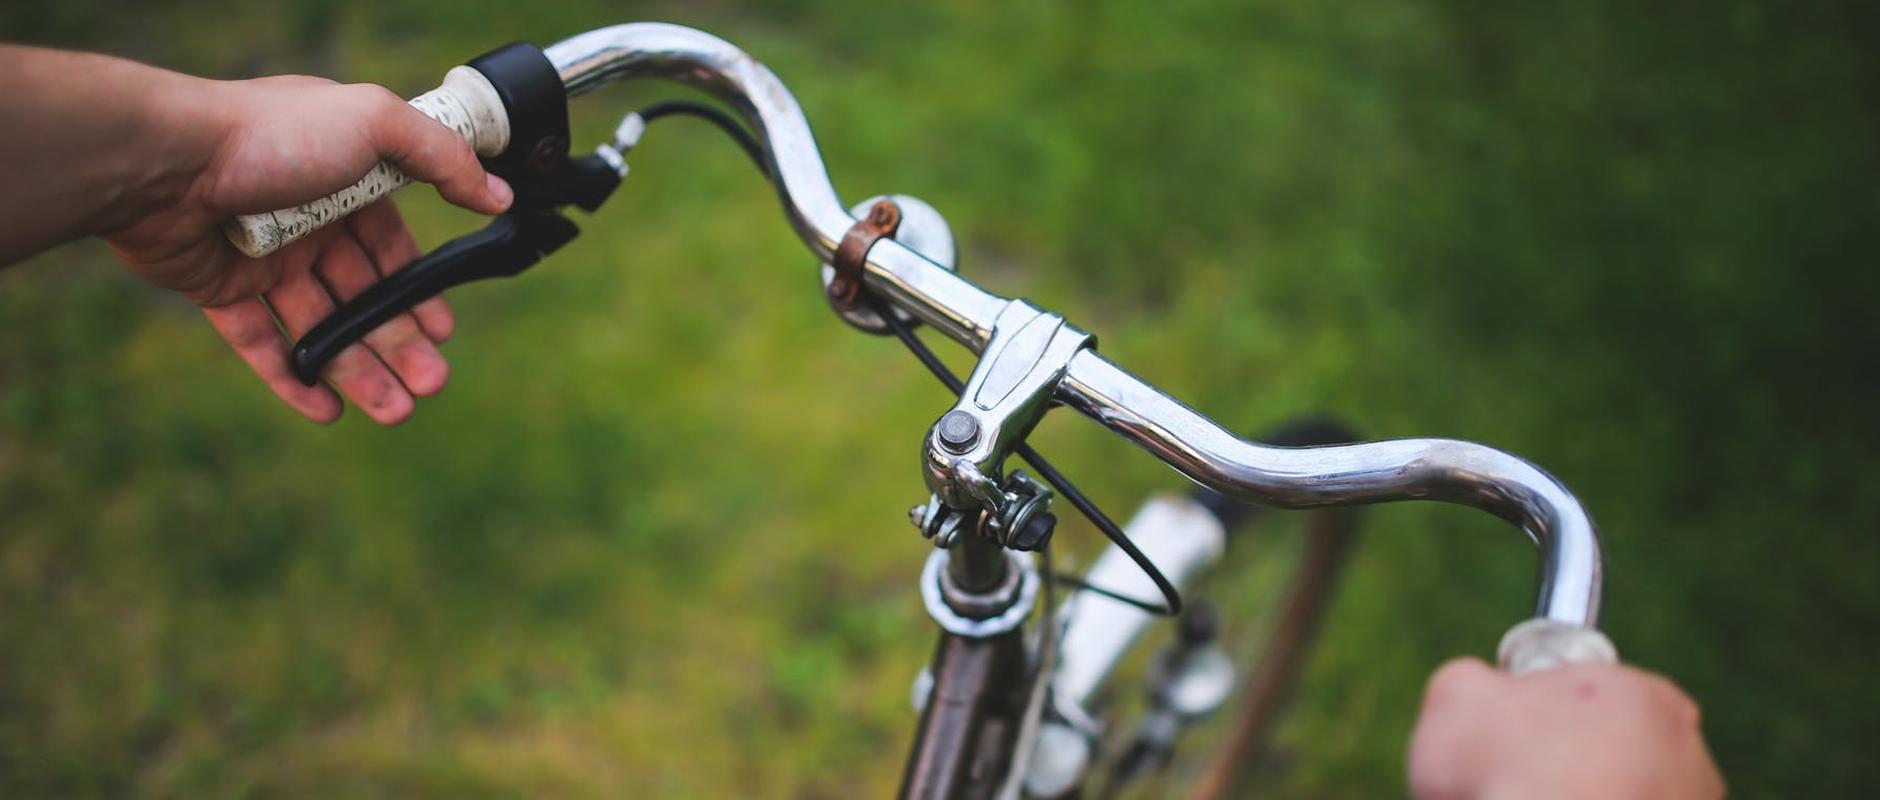 poster image 10 raisons d'aller au boulot à vélo dès aujourd'hui. Booster la productivité - 10 raisons d'aller au boulot à vélo dès aujourd'hui.